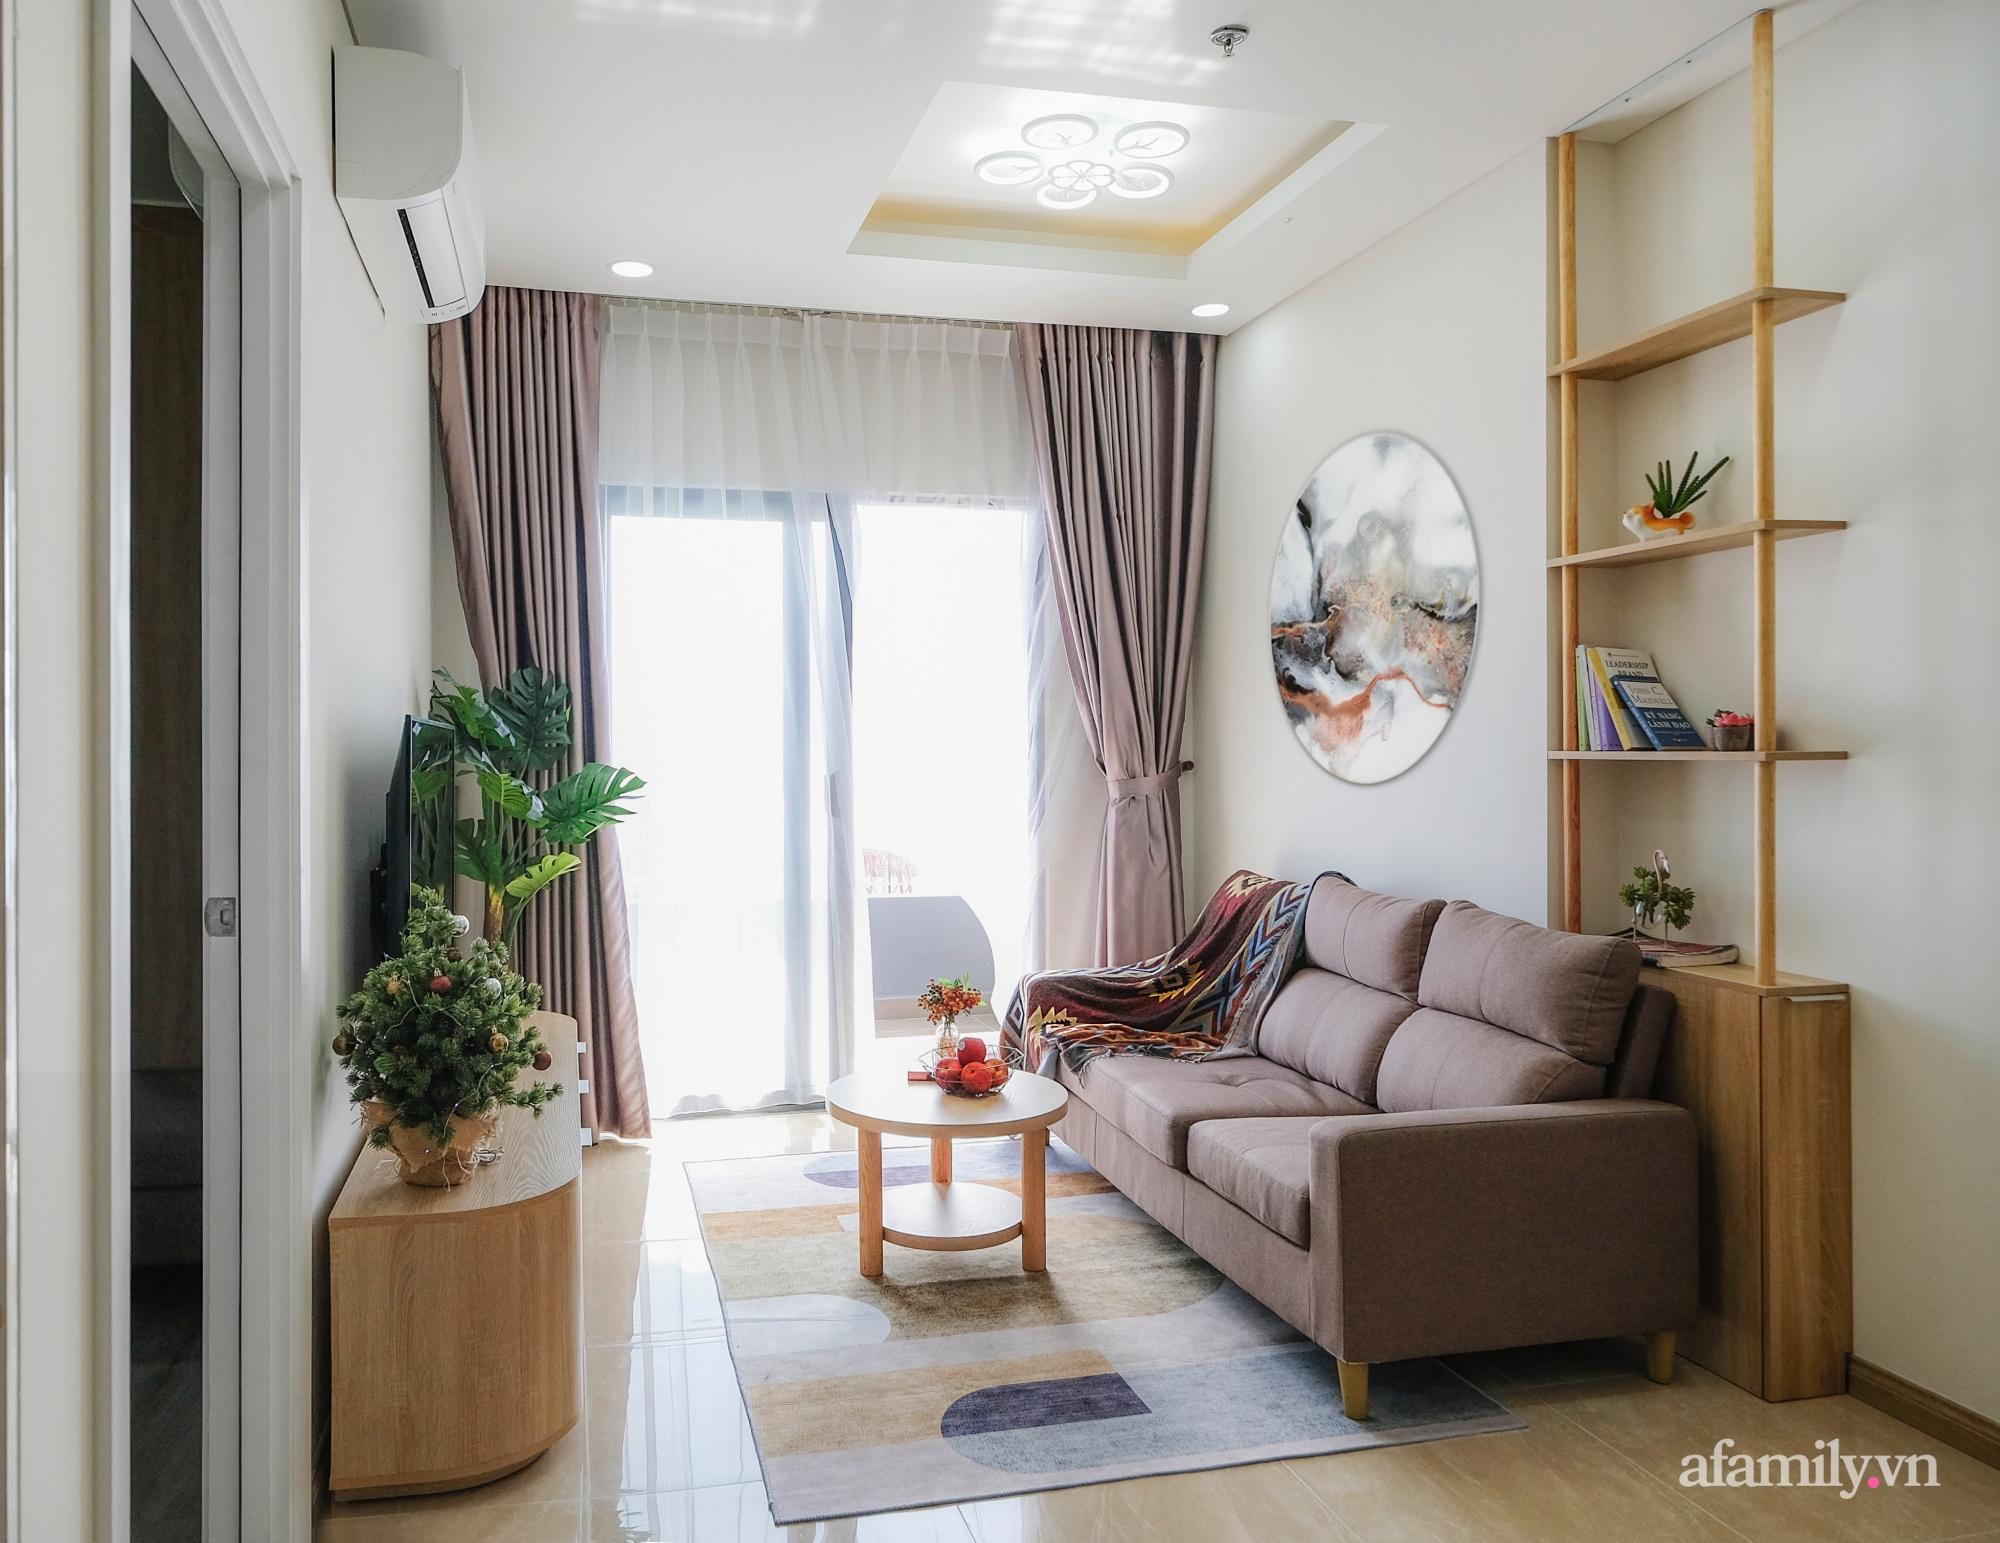 Căn hộ 75m² view sông Hàn đắt giá nhưng được thiết kế nội thất bình dị, ấm áp có chi phí 78 triệu đồng ở TP Đà Nẵng - Ảnh 5.